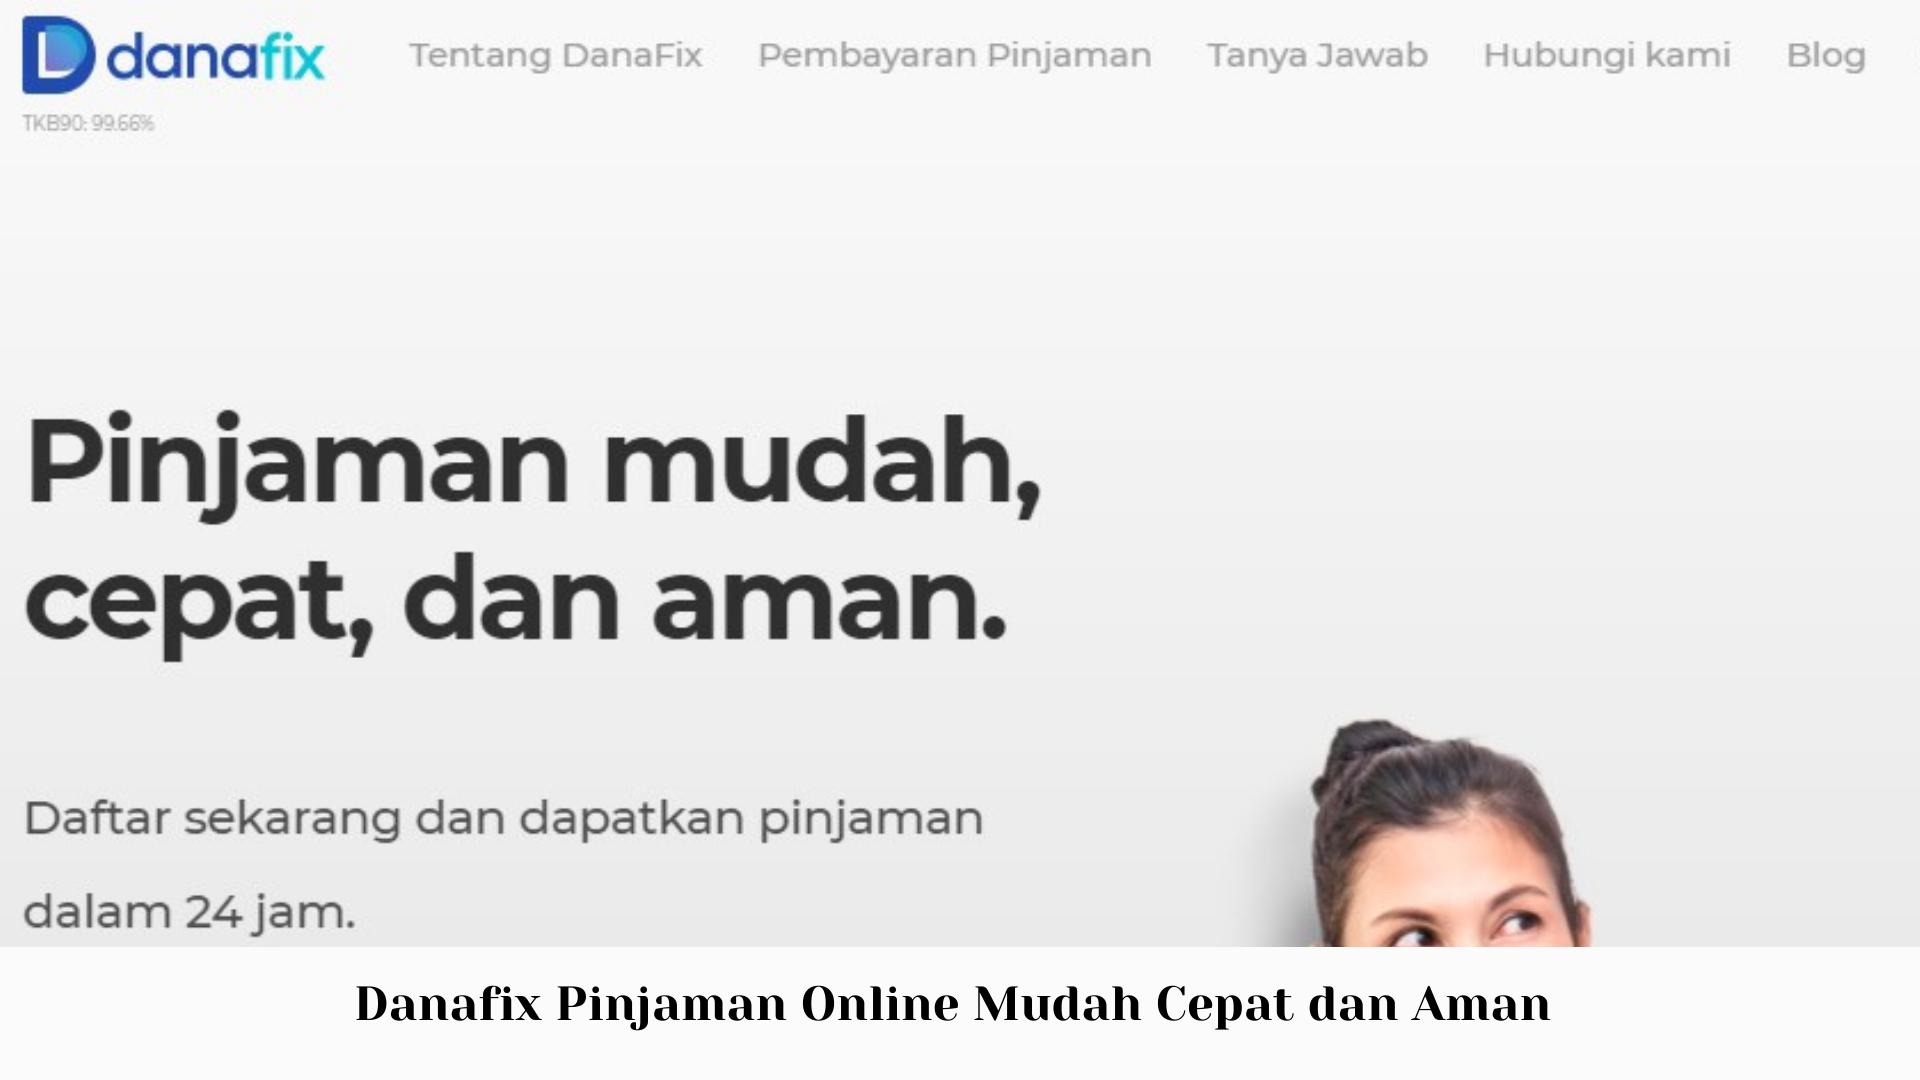 Danafix Pinjaman Online Mudah Cepat dan Aman - Pinjaman Online